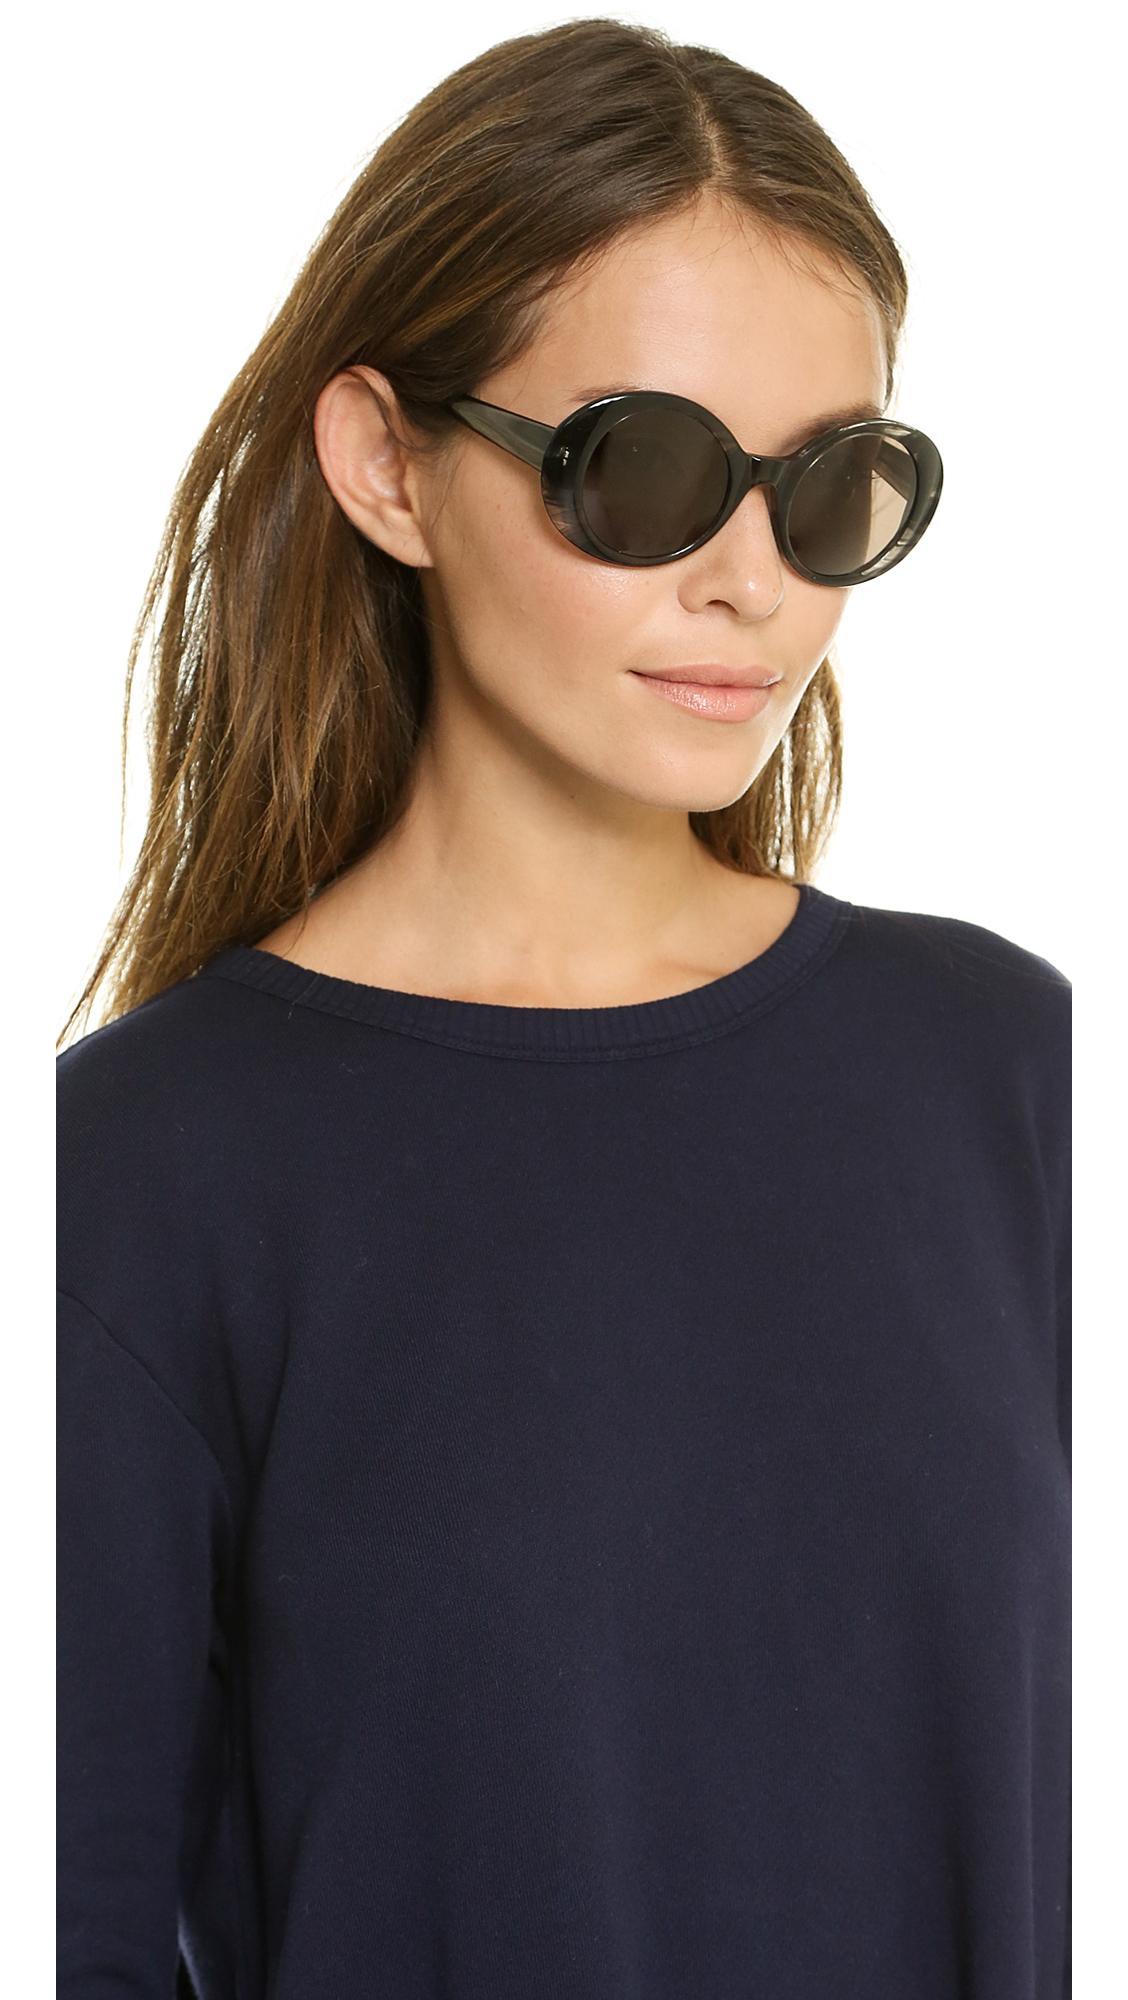 Elizabeth And James Boylston Polarized Sunglasses Black